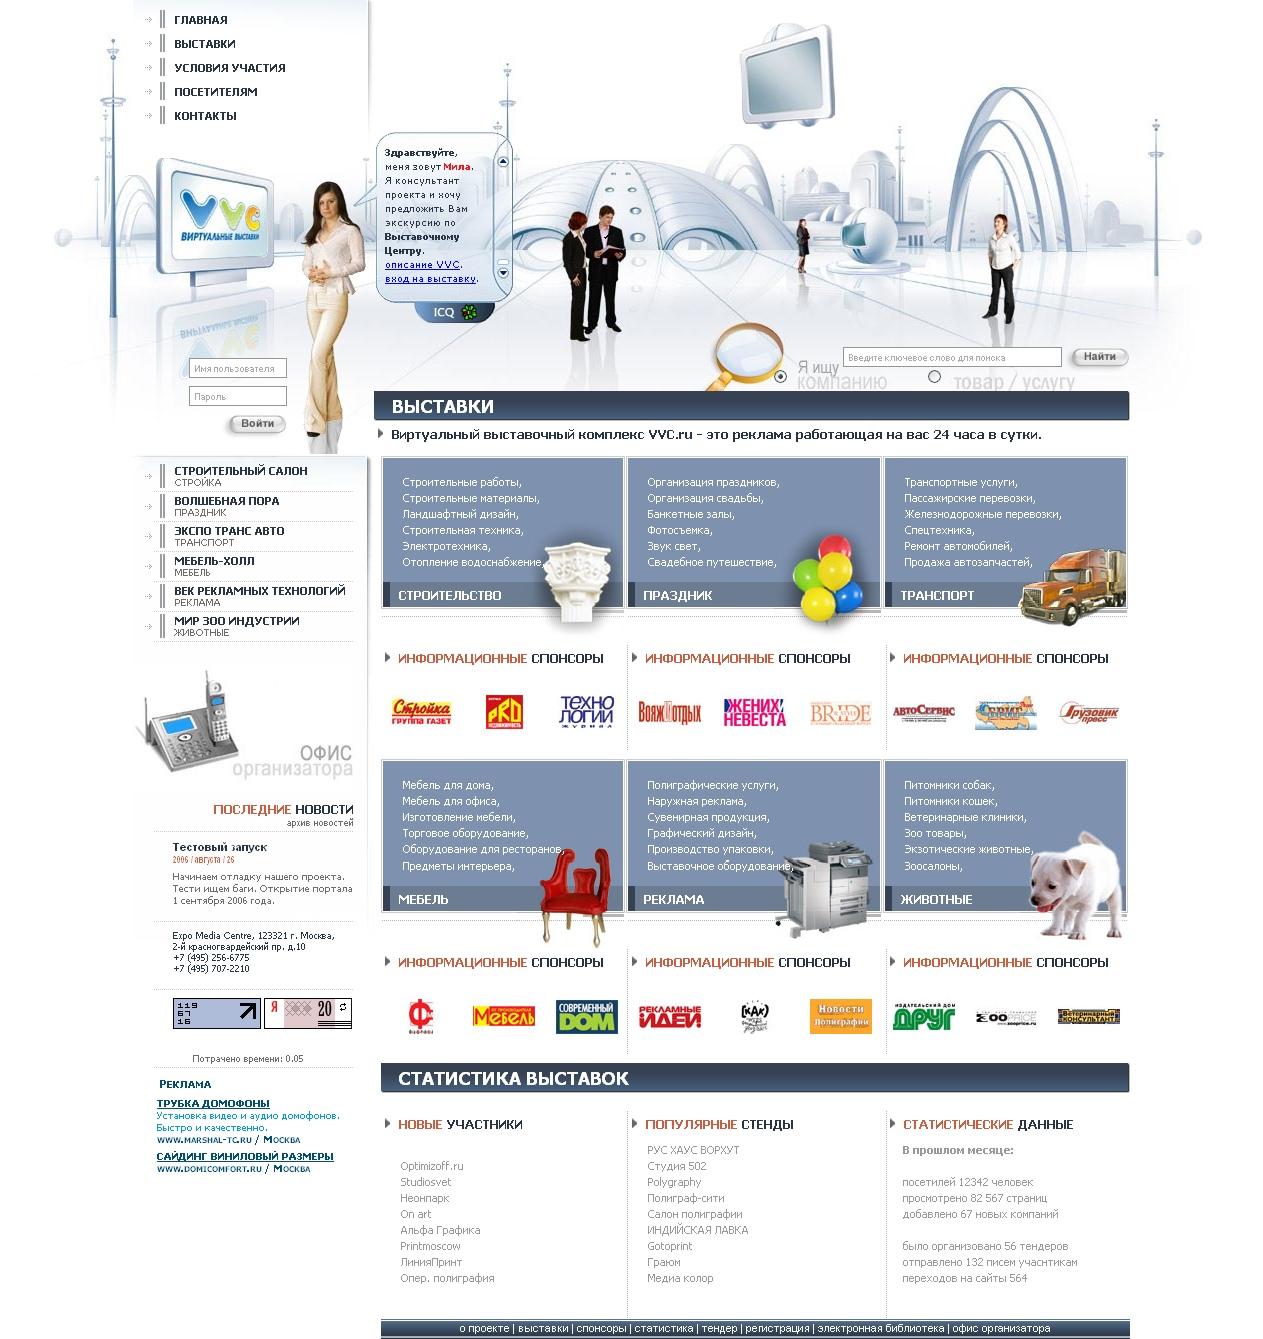 <p>Виртуальный выставочный комплекс VVC.ru - это реклама, работающая на вас 24 часа в сутки. Вы отдыхаете, а ваши товары и услуги сами рекламируют себя в сети интернет.</p>